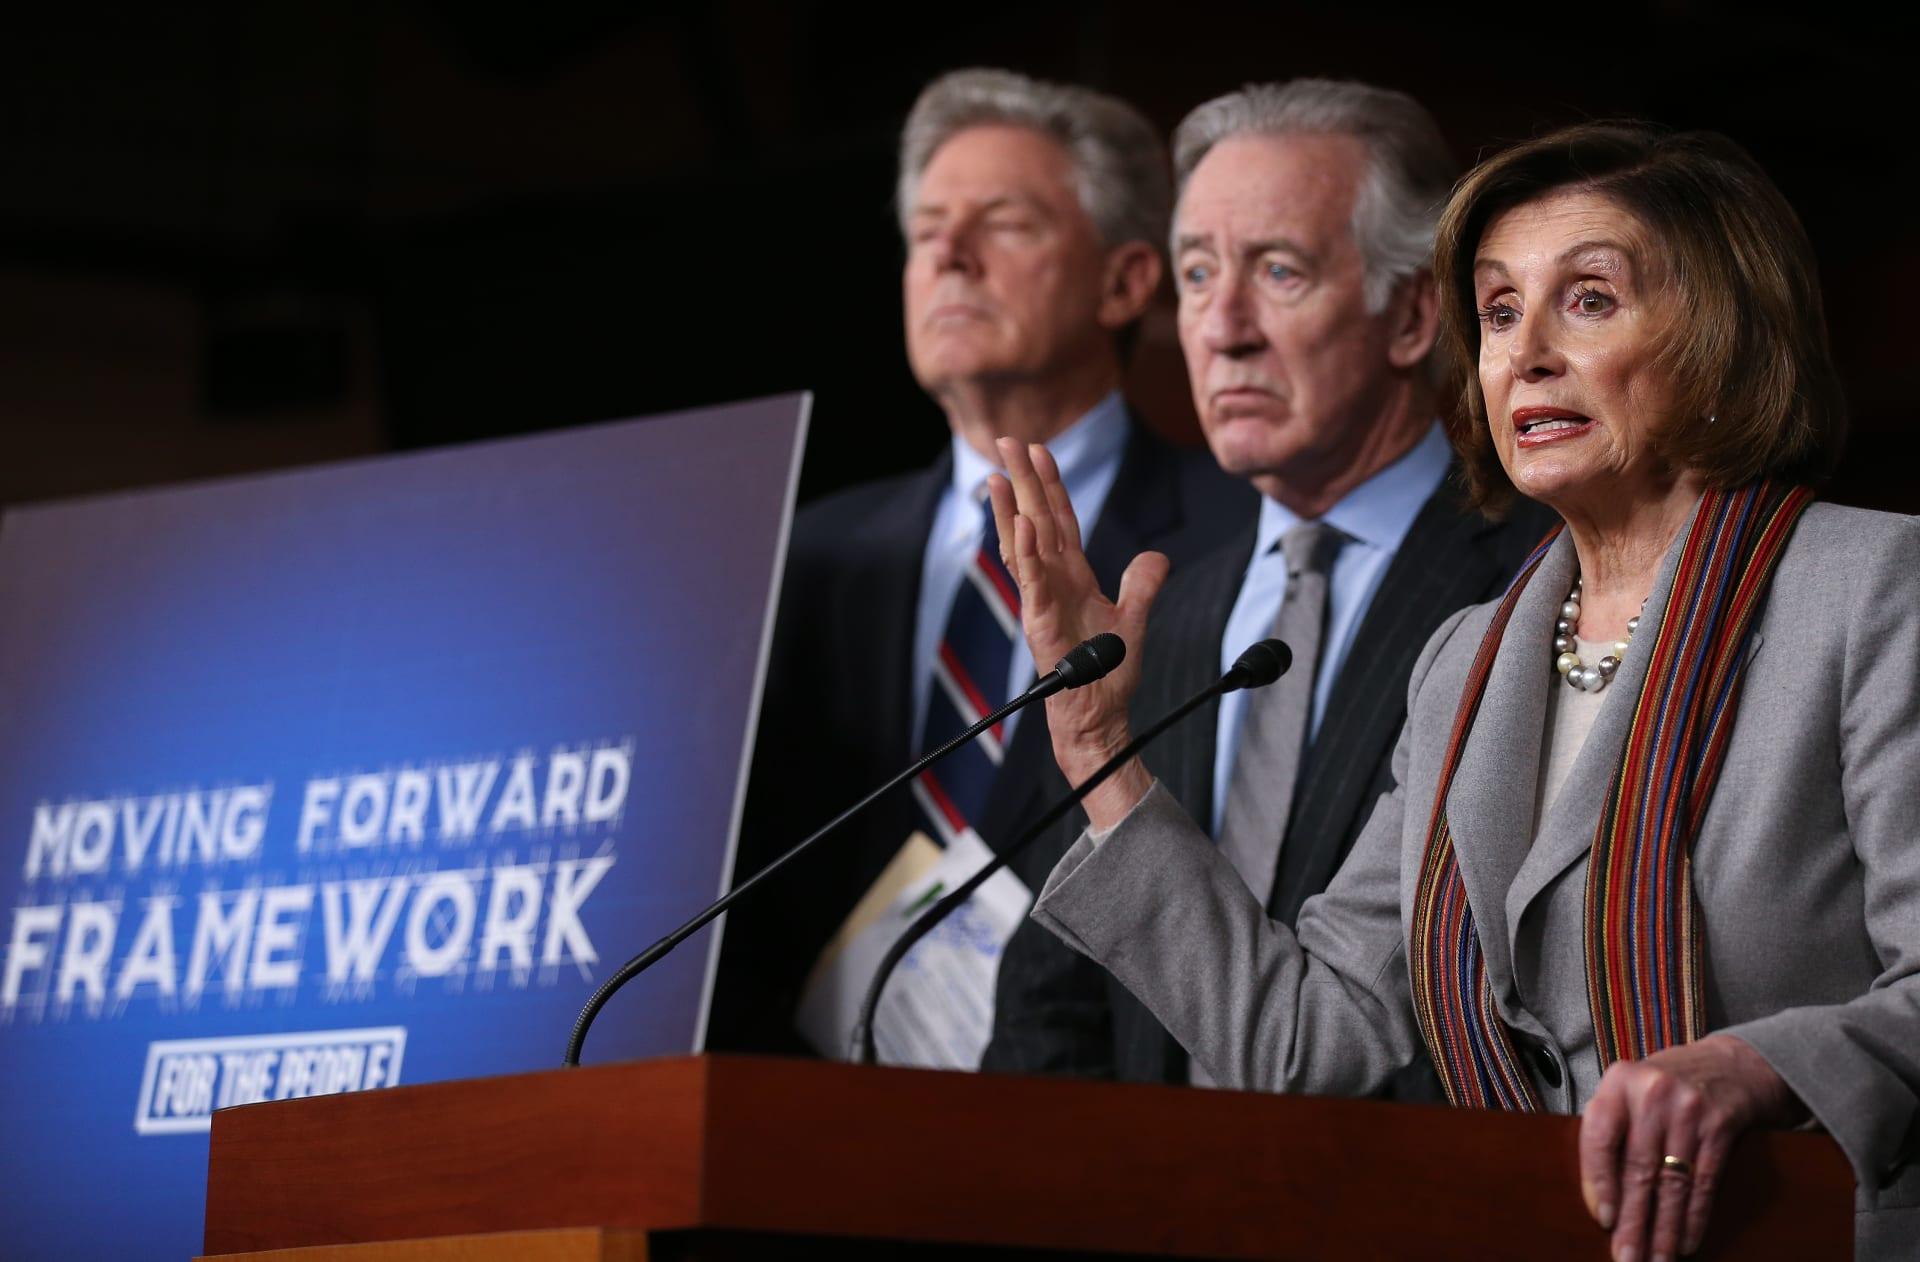 مجلس النواب الأمريكي يقر اثنين من إجراءات تحجيم قدرة ترامب على شن عمل عسكري ضد إيران